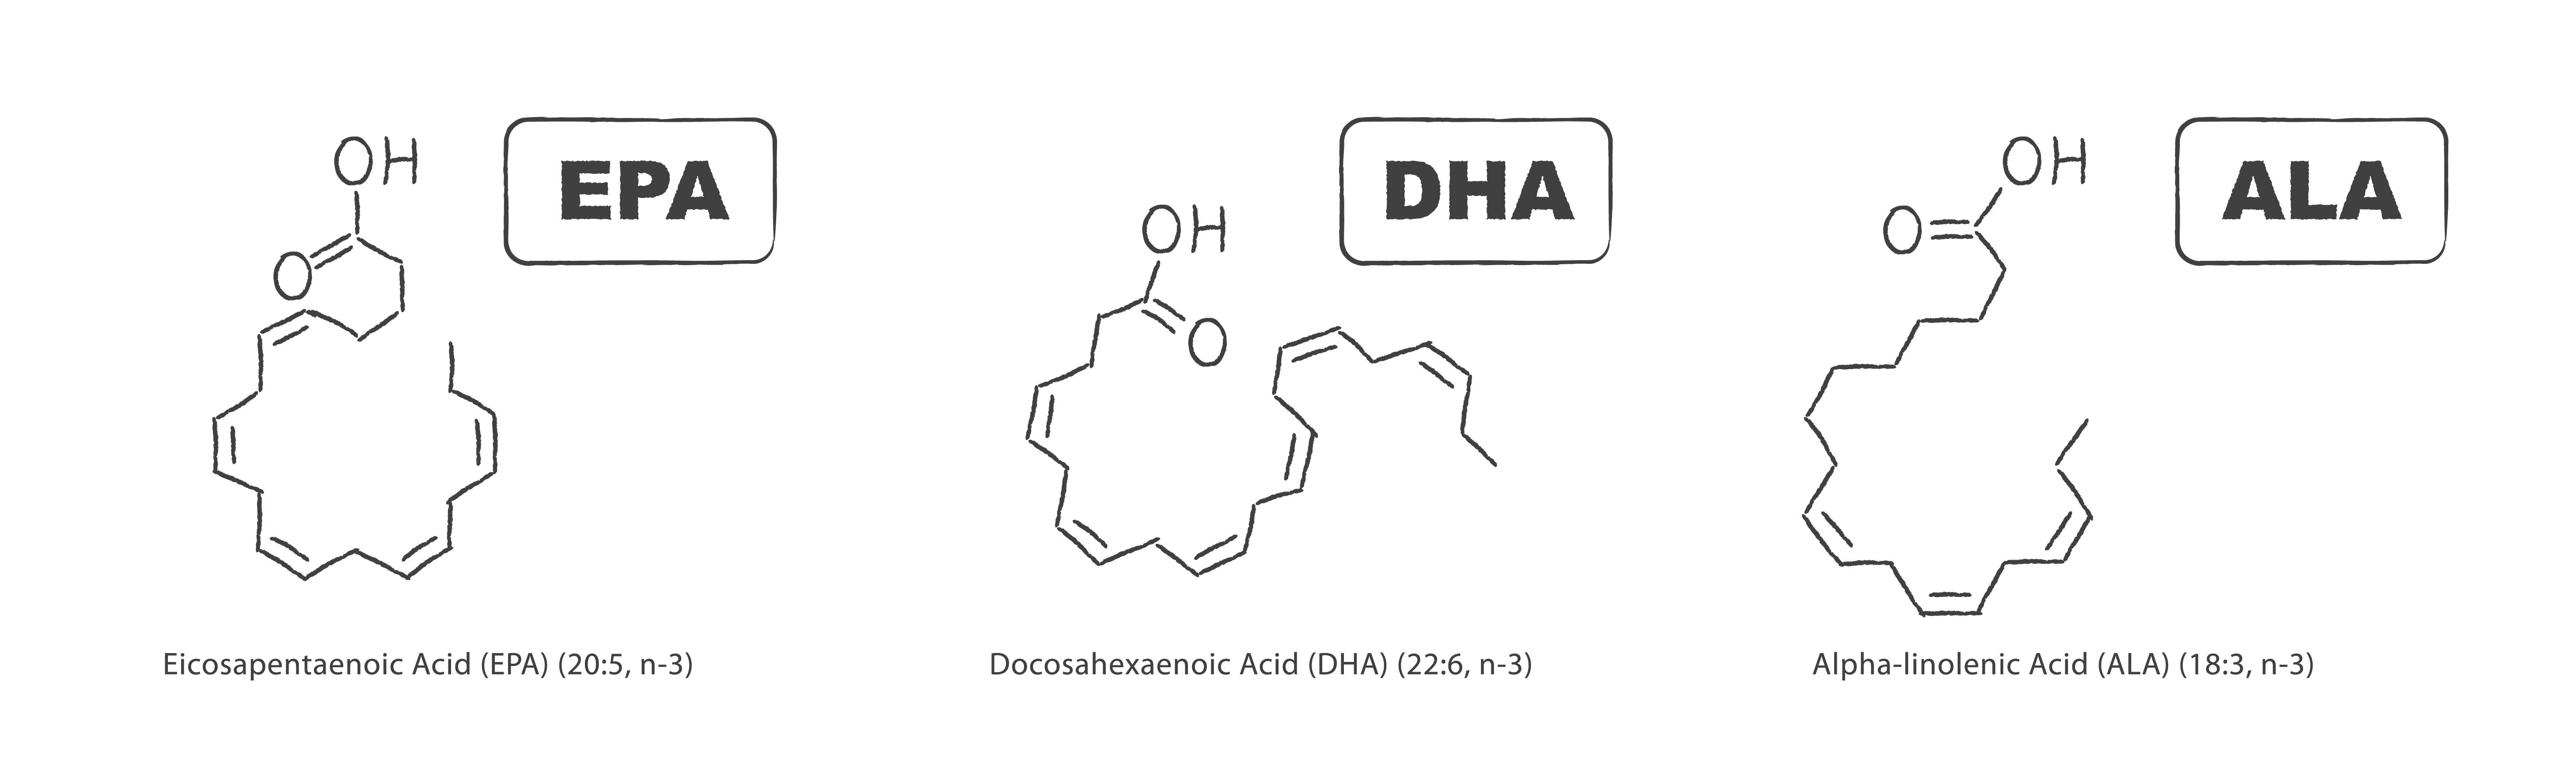 3 najbardziej popularne kwasy typu Omega 3 - EPA, DHA i ALA